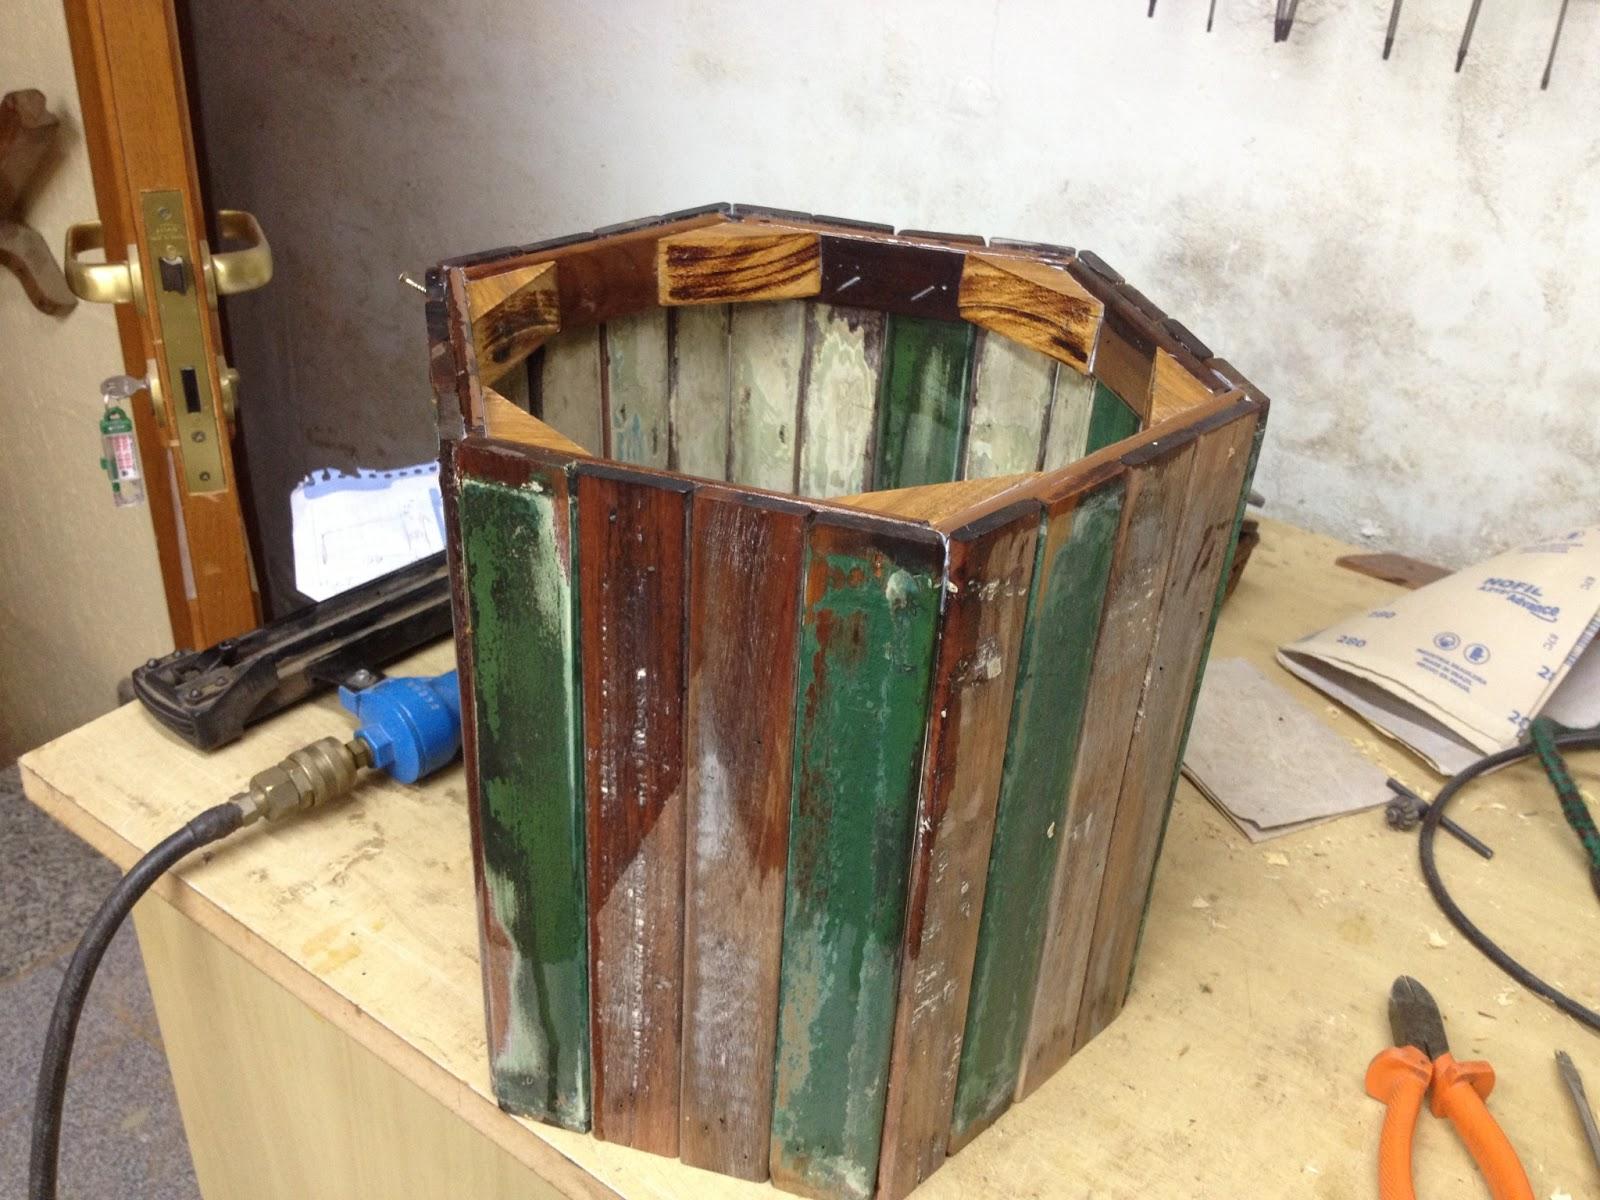 Atelier do Zero: Vaso de madeira de madeira reciclada #A85F23 1600x1200